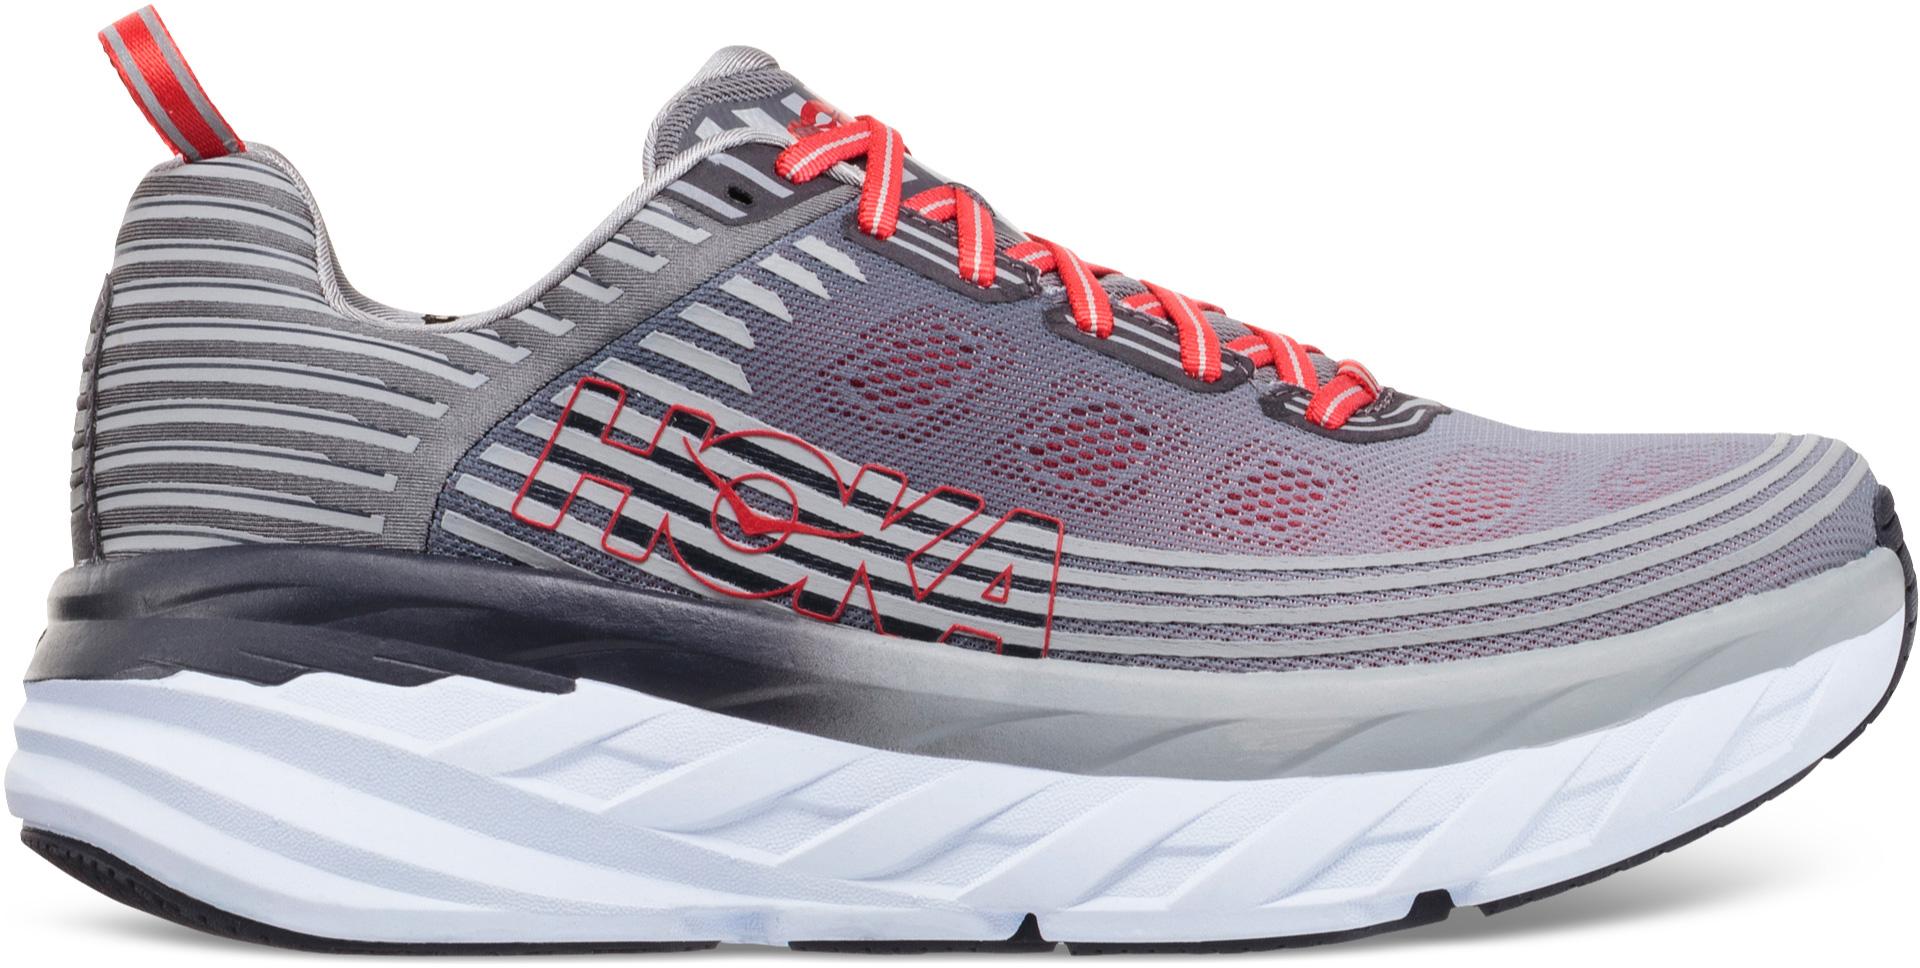 chaussures de séparation e5981 ad97d Chaussures de course | MEC